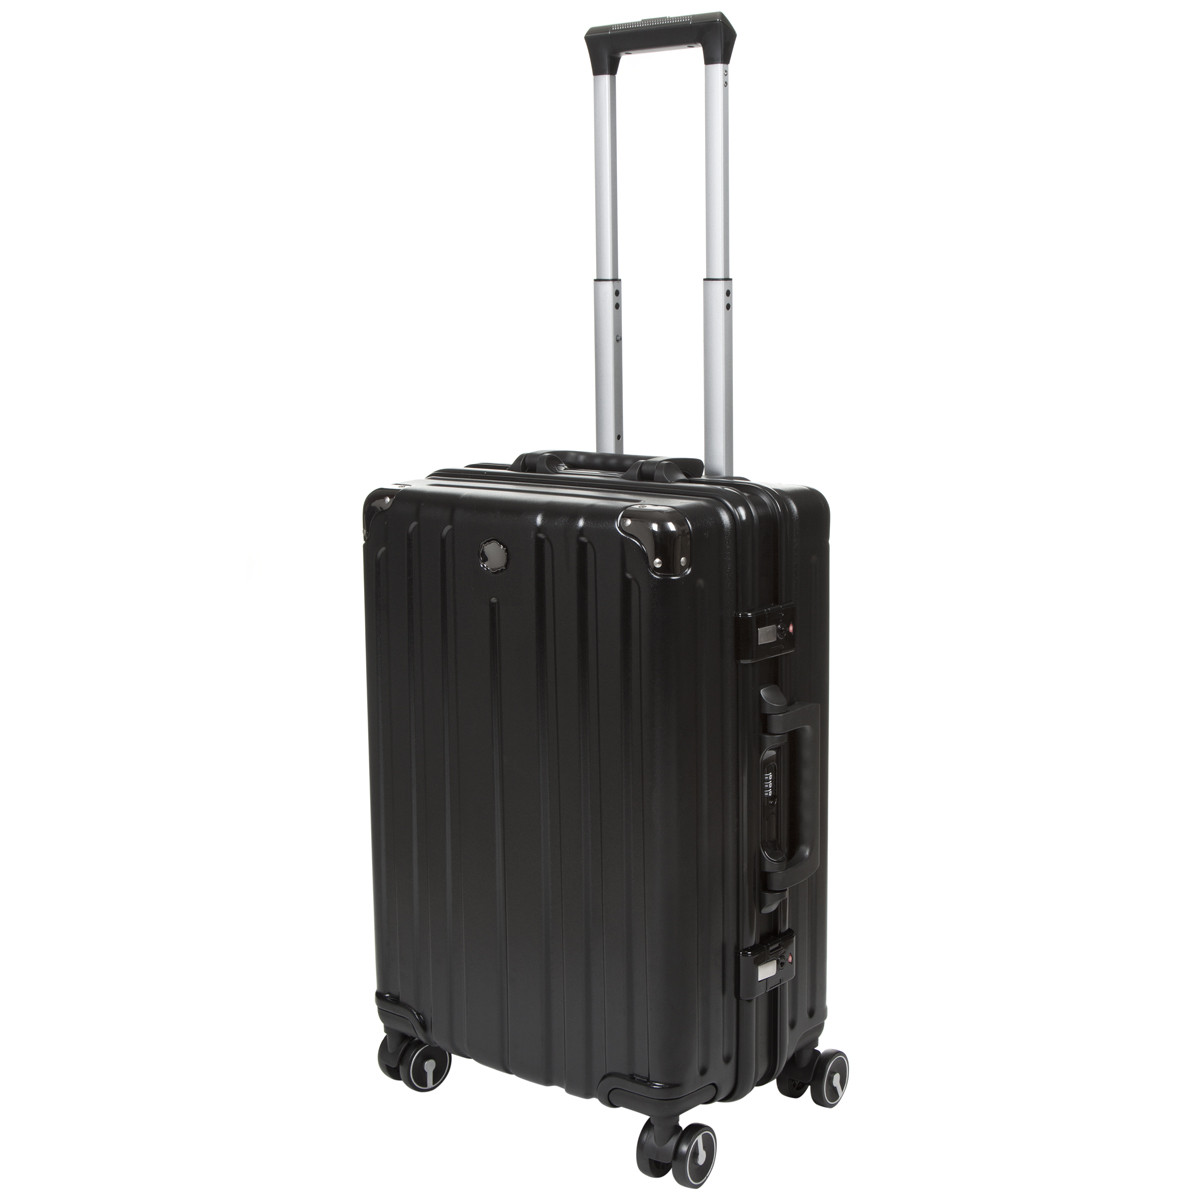 Чемодан OUPAI малый чёрный пластик ABS алюминиевый каркас 40х62х24    кс1106-1чм